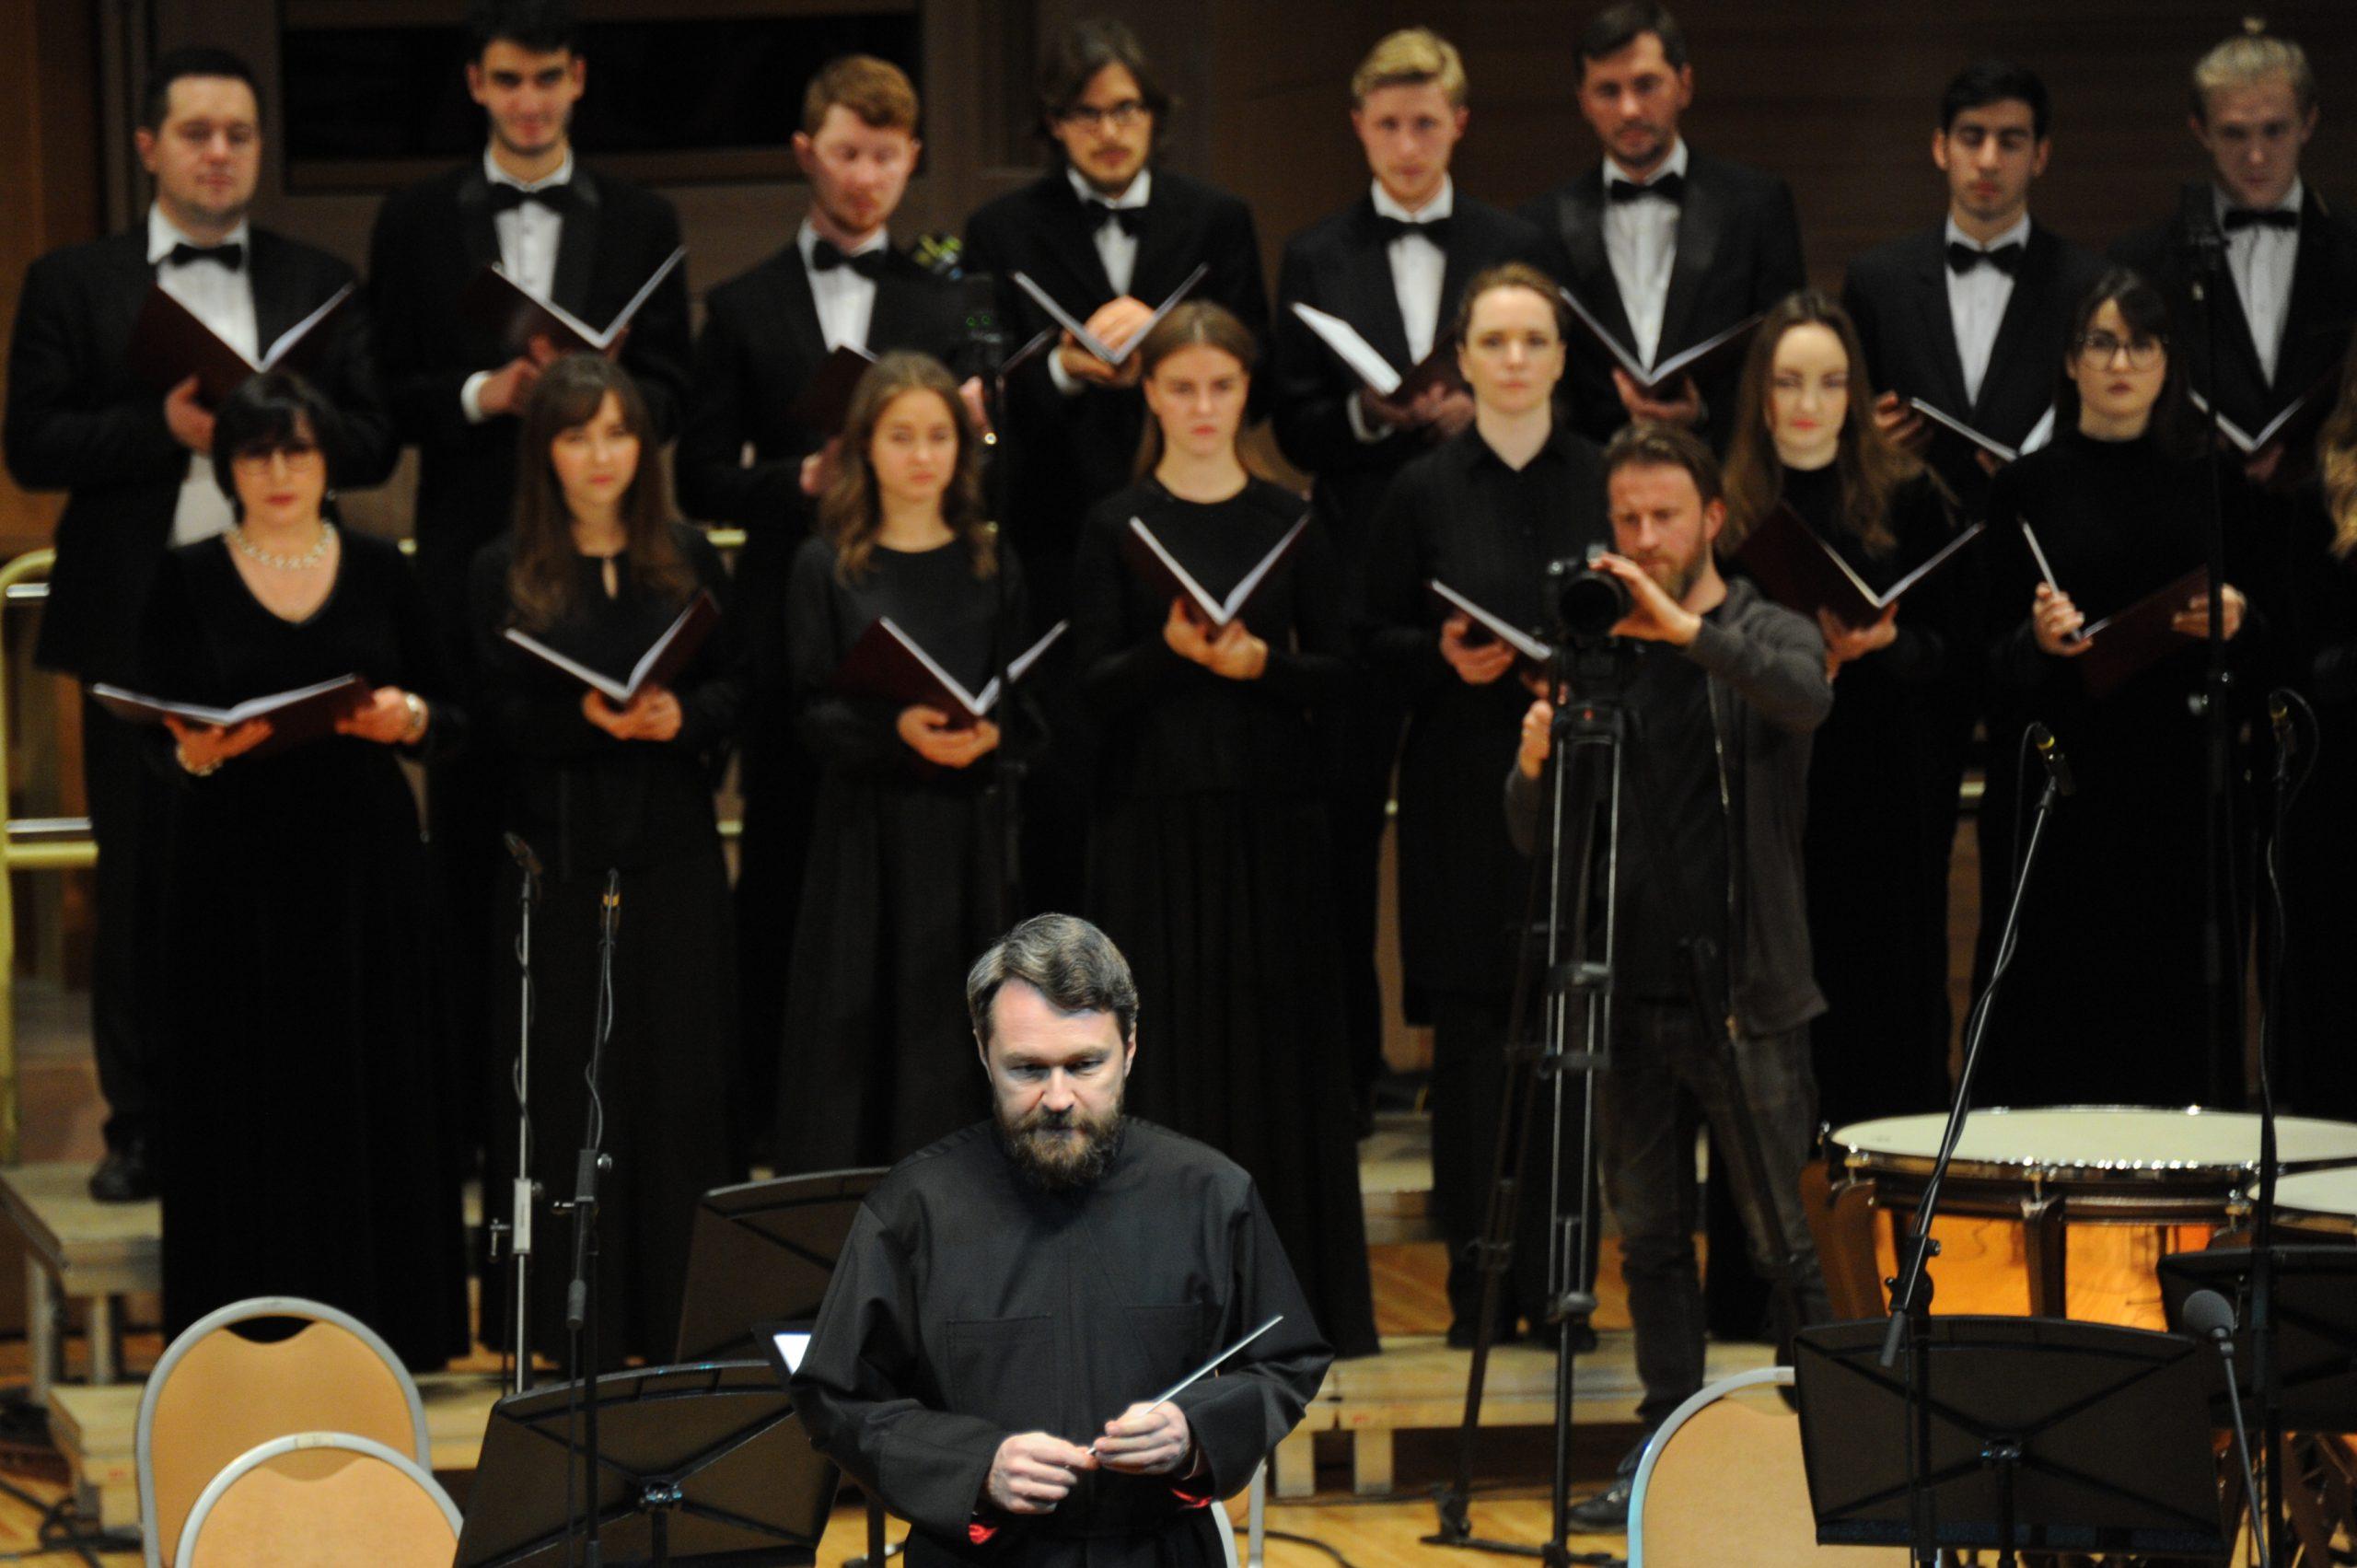 Ученики Детской школы искусств «Гармония» из Щаповского стали дипломантами окружного конкурса